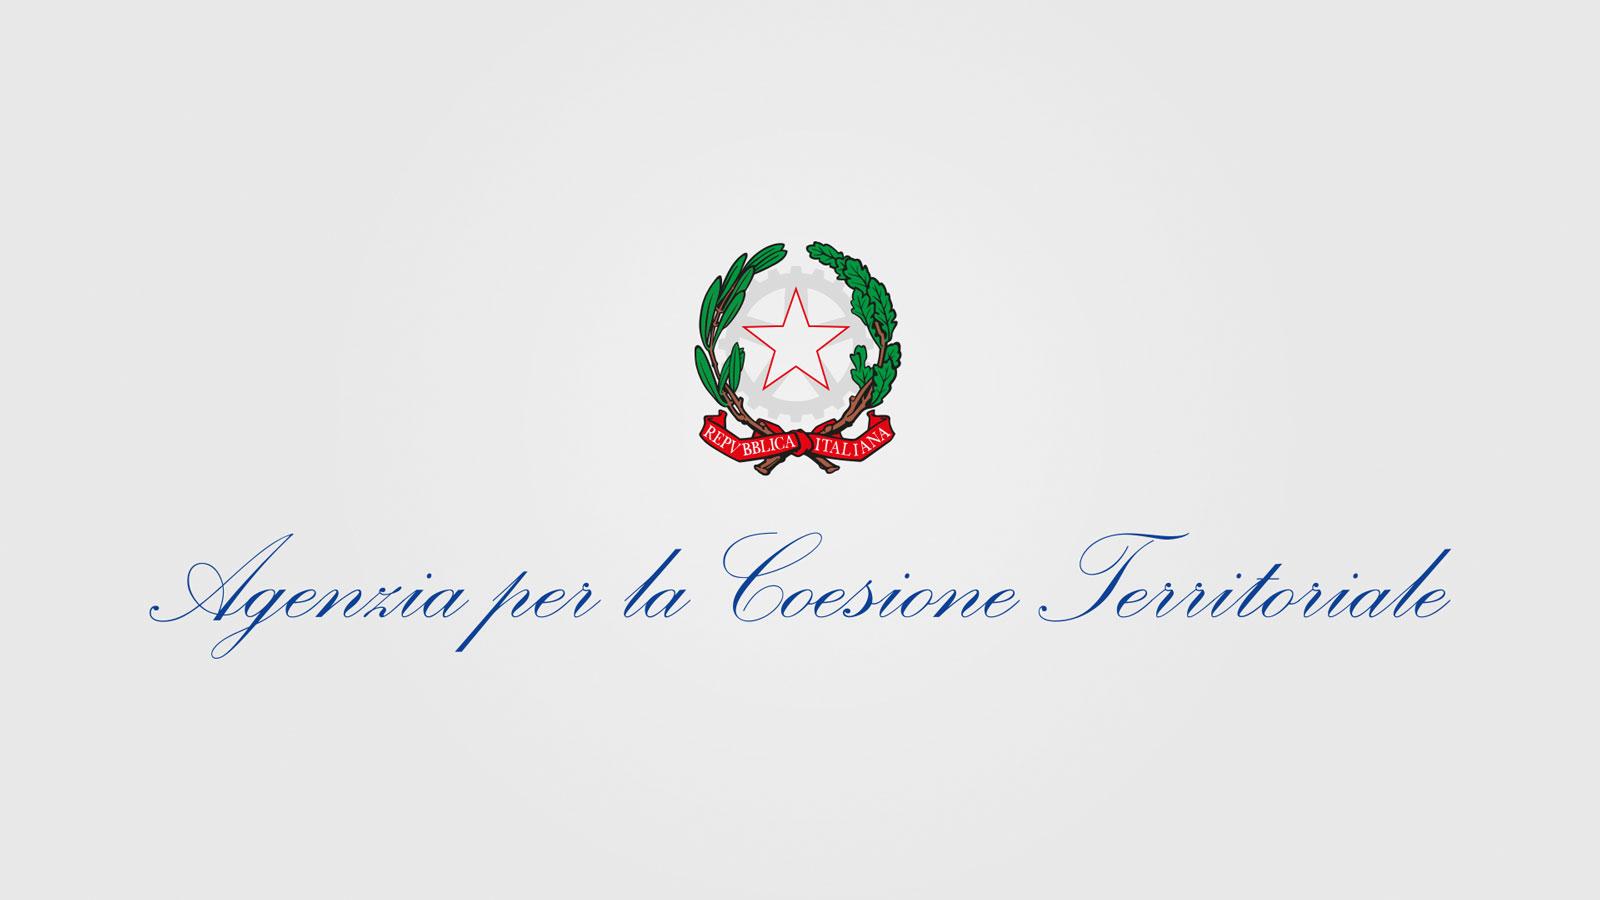 Agenzia per la Coesione Territoriale - L'innovazione vicina al cittadino -  Roma 2015 - Eventi - Gruppo Moccia